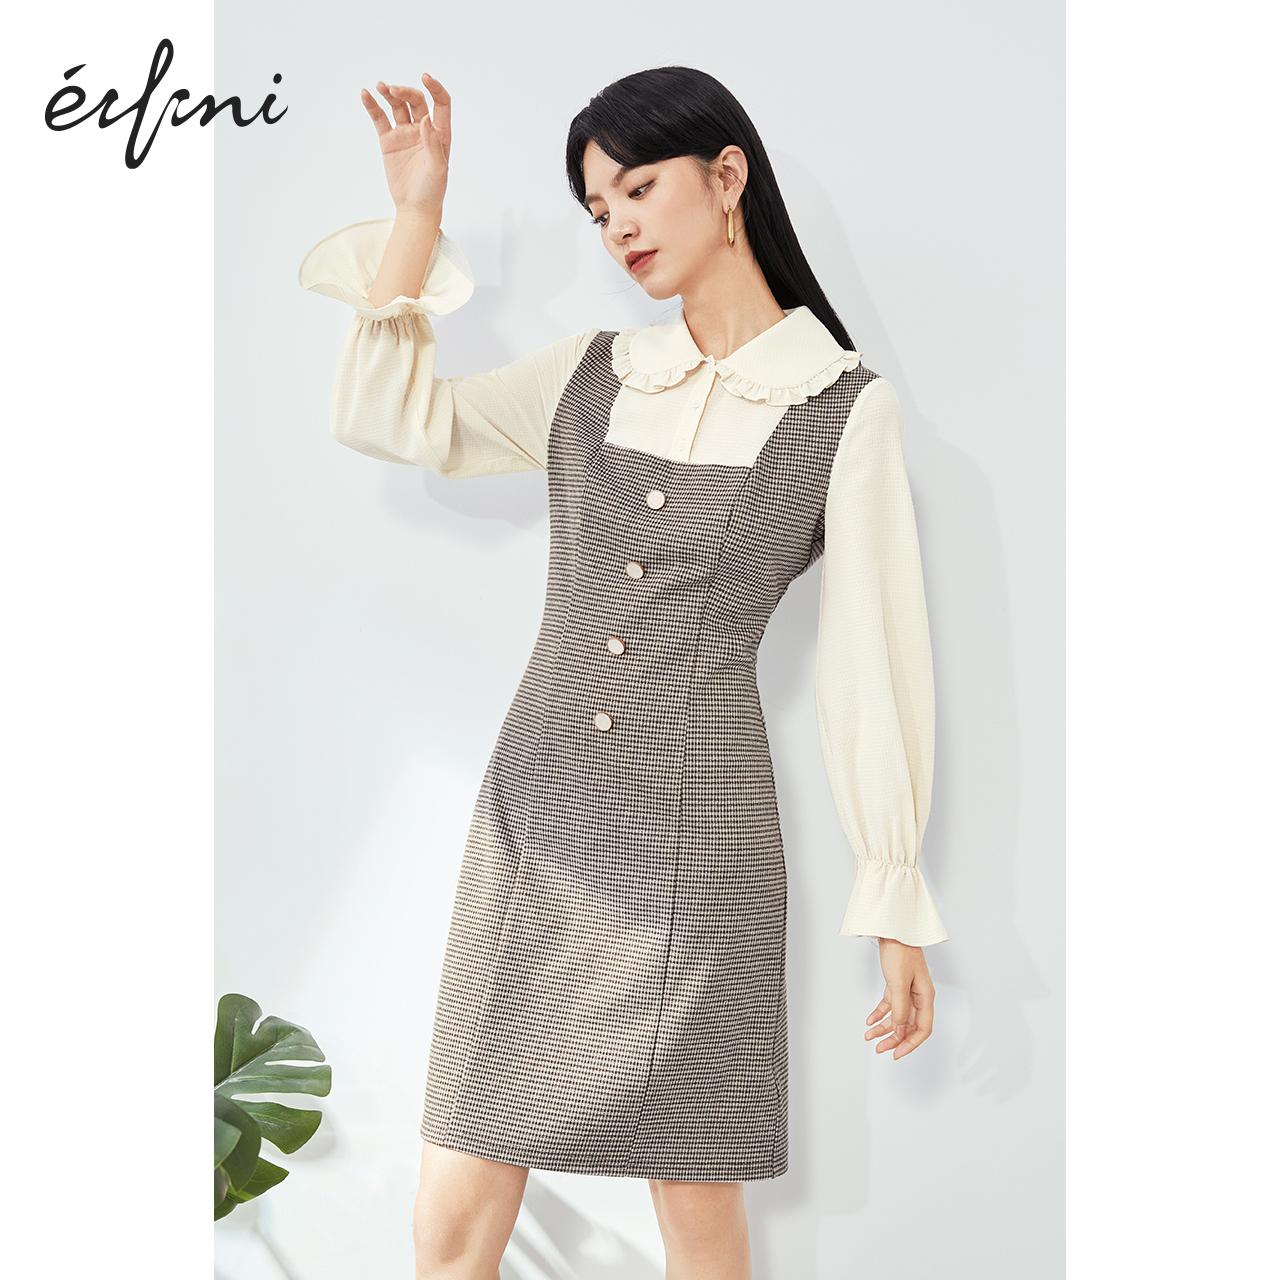 伊芙丽女装 伊芙丽连衣裙1C1990851_推荐淘宝好看的伊芙丽